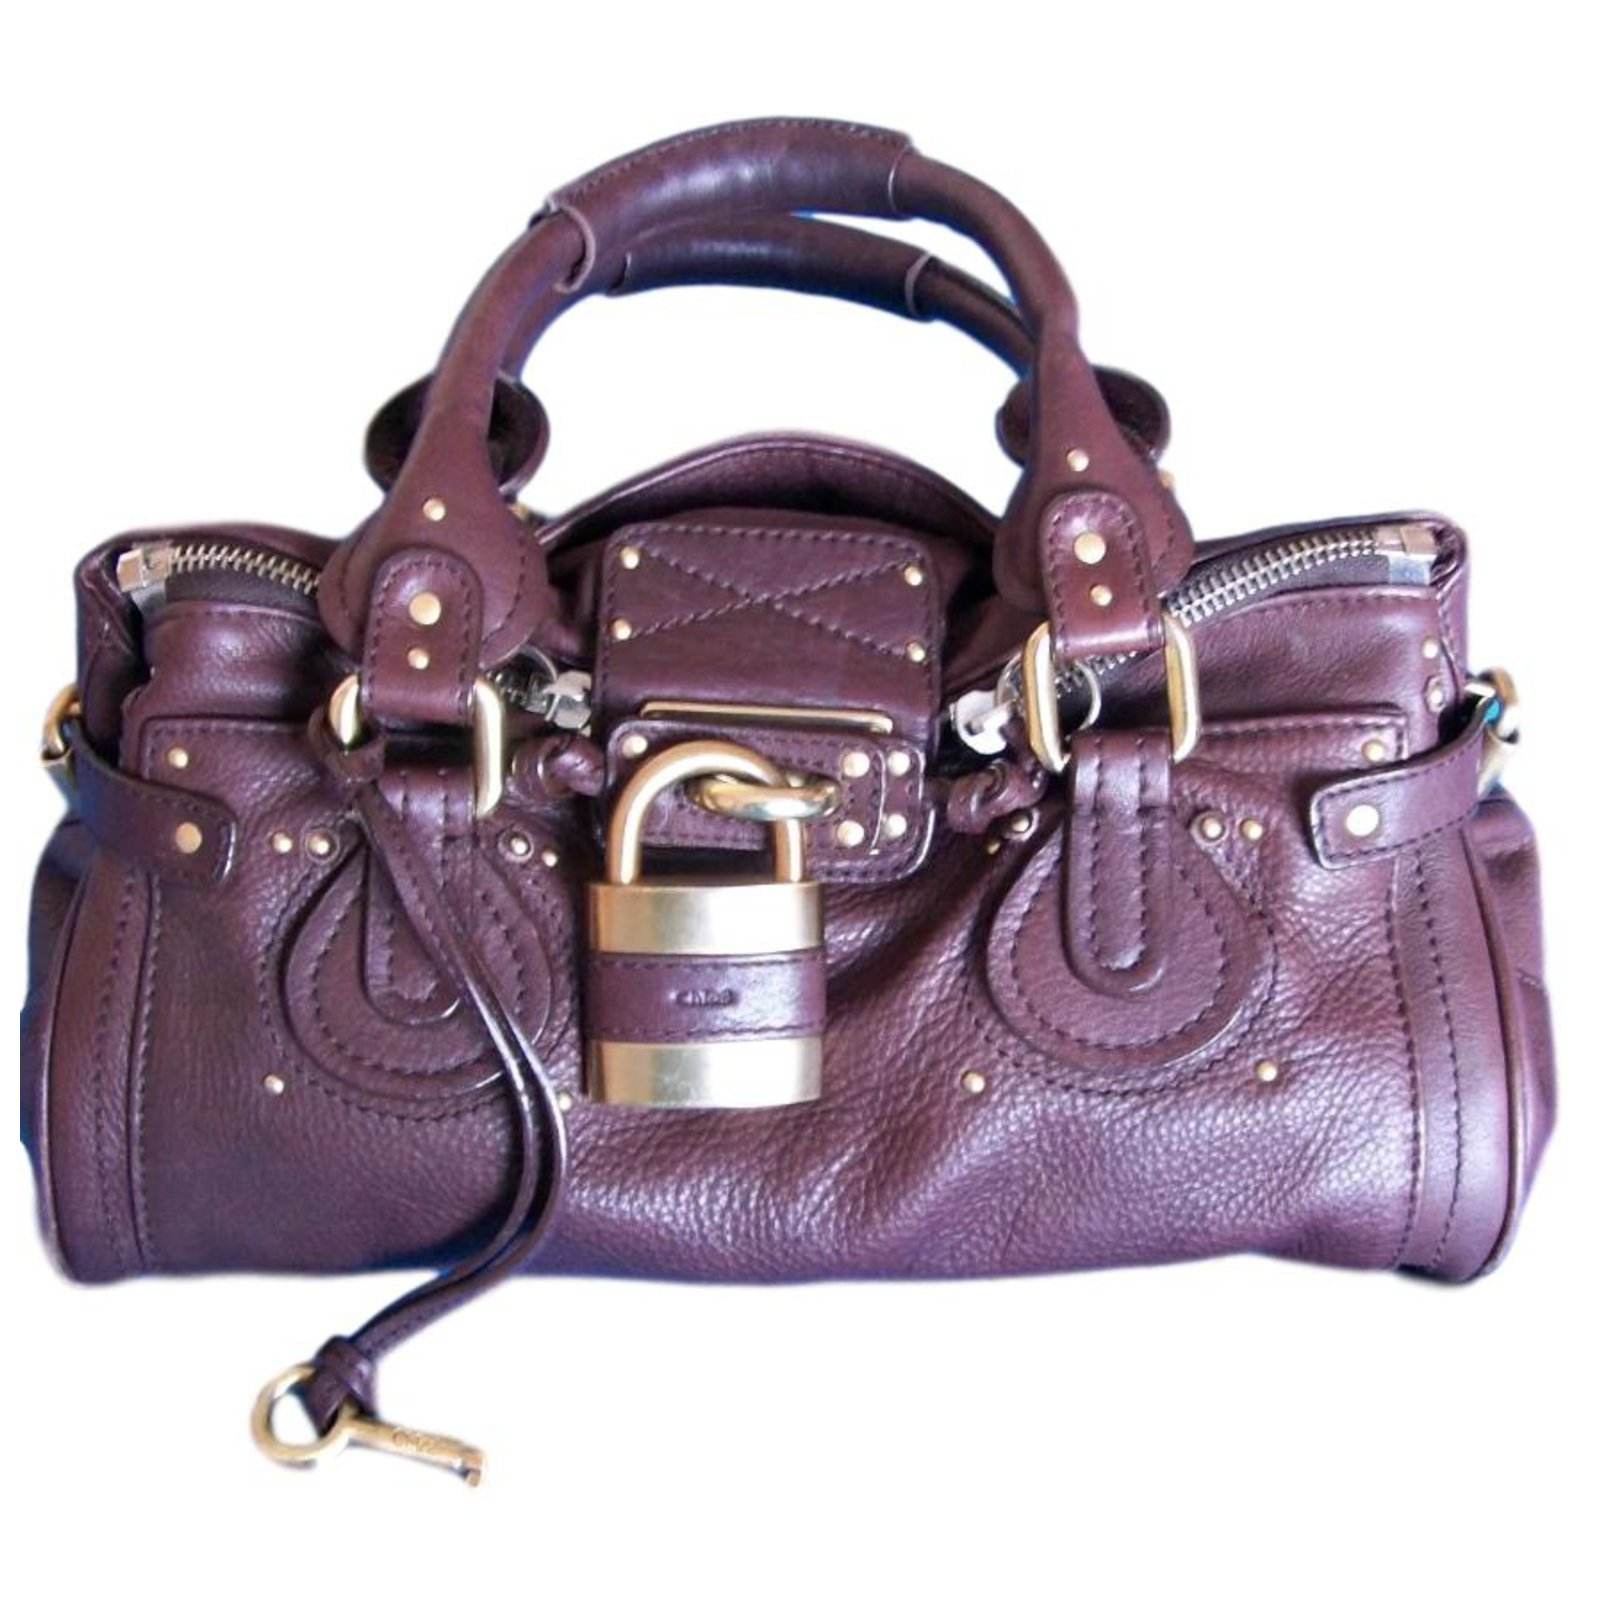 948a0c2556 Chloé paddington Handbags Leather Brown